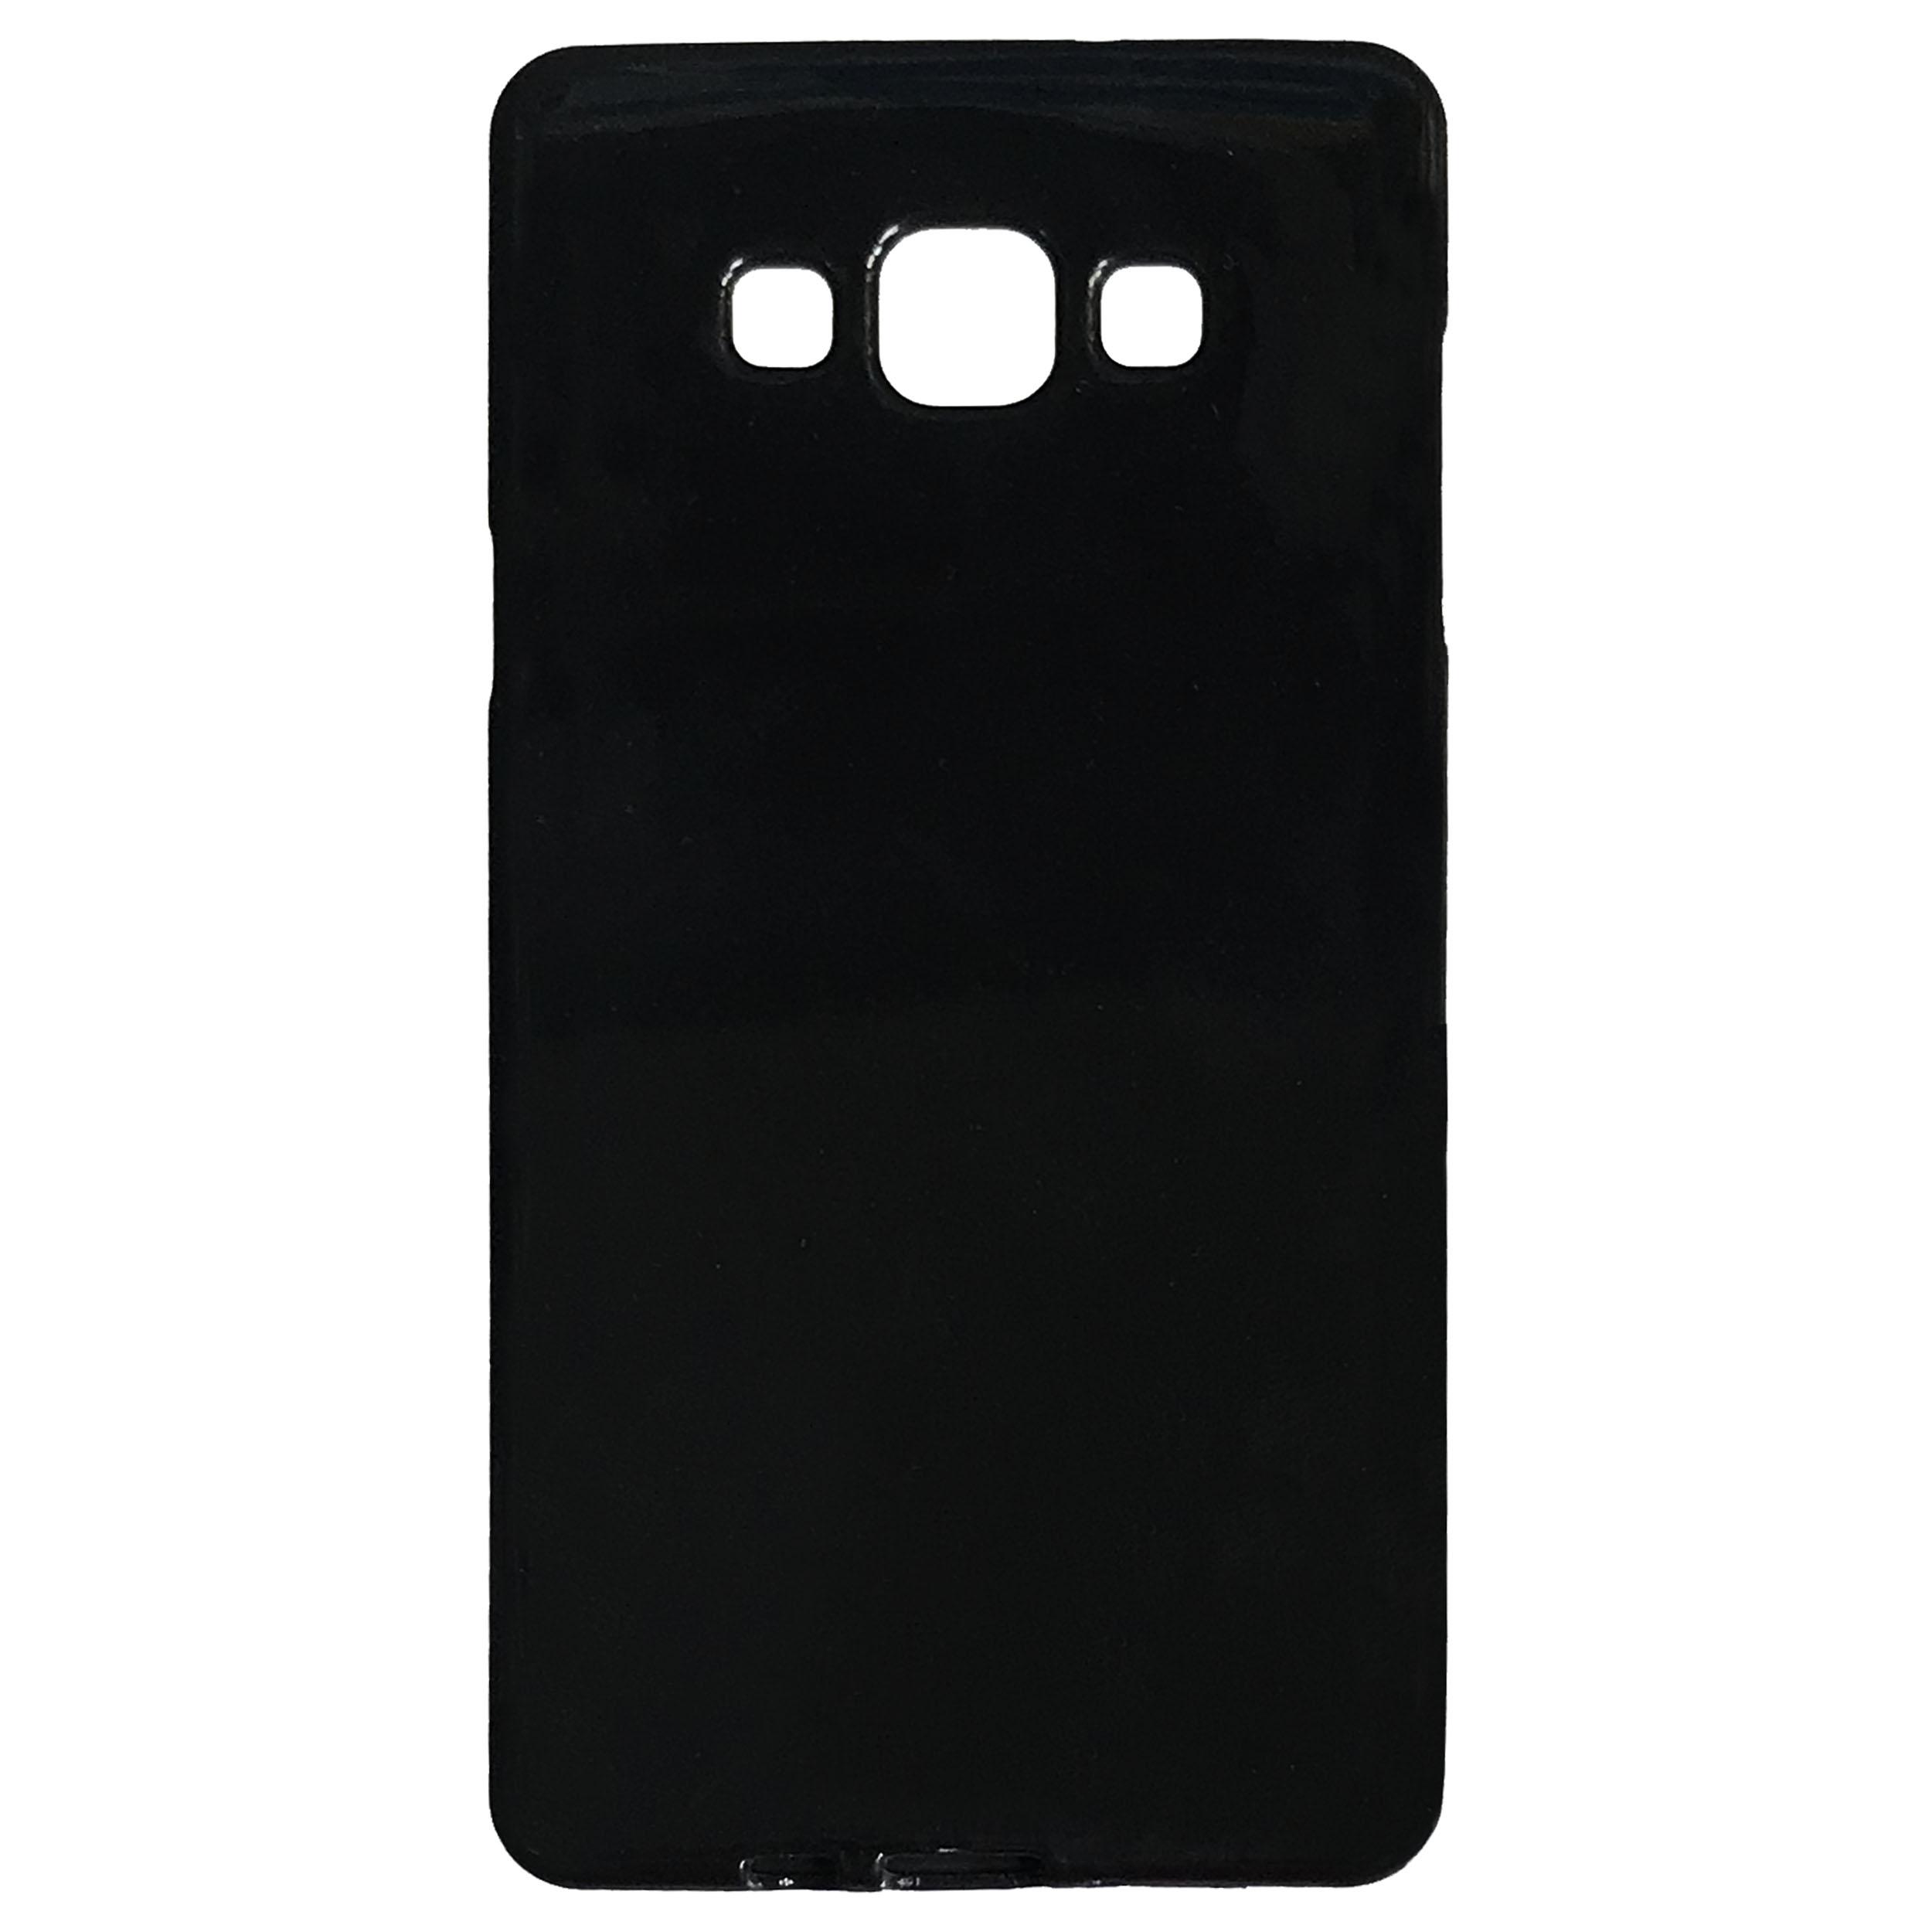 کاور ام تی چهار مدل AS116057001-4 مناسب برای گوشی موبایل سامسونگ 2015 Galaxy A7